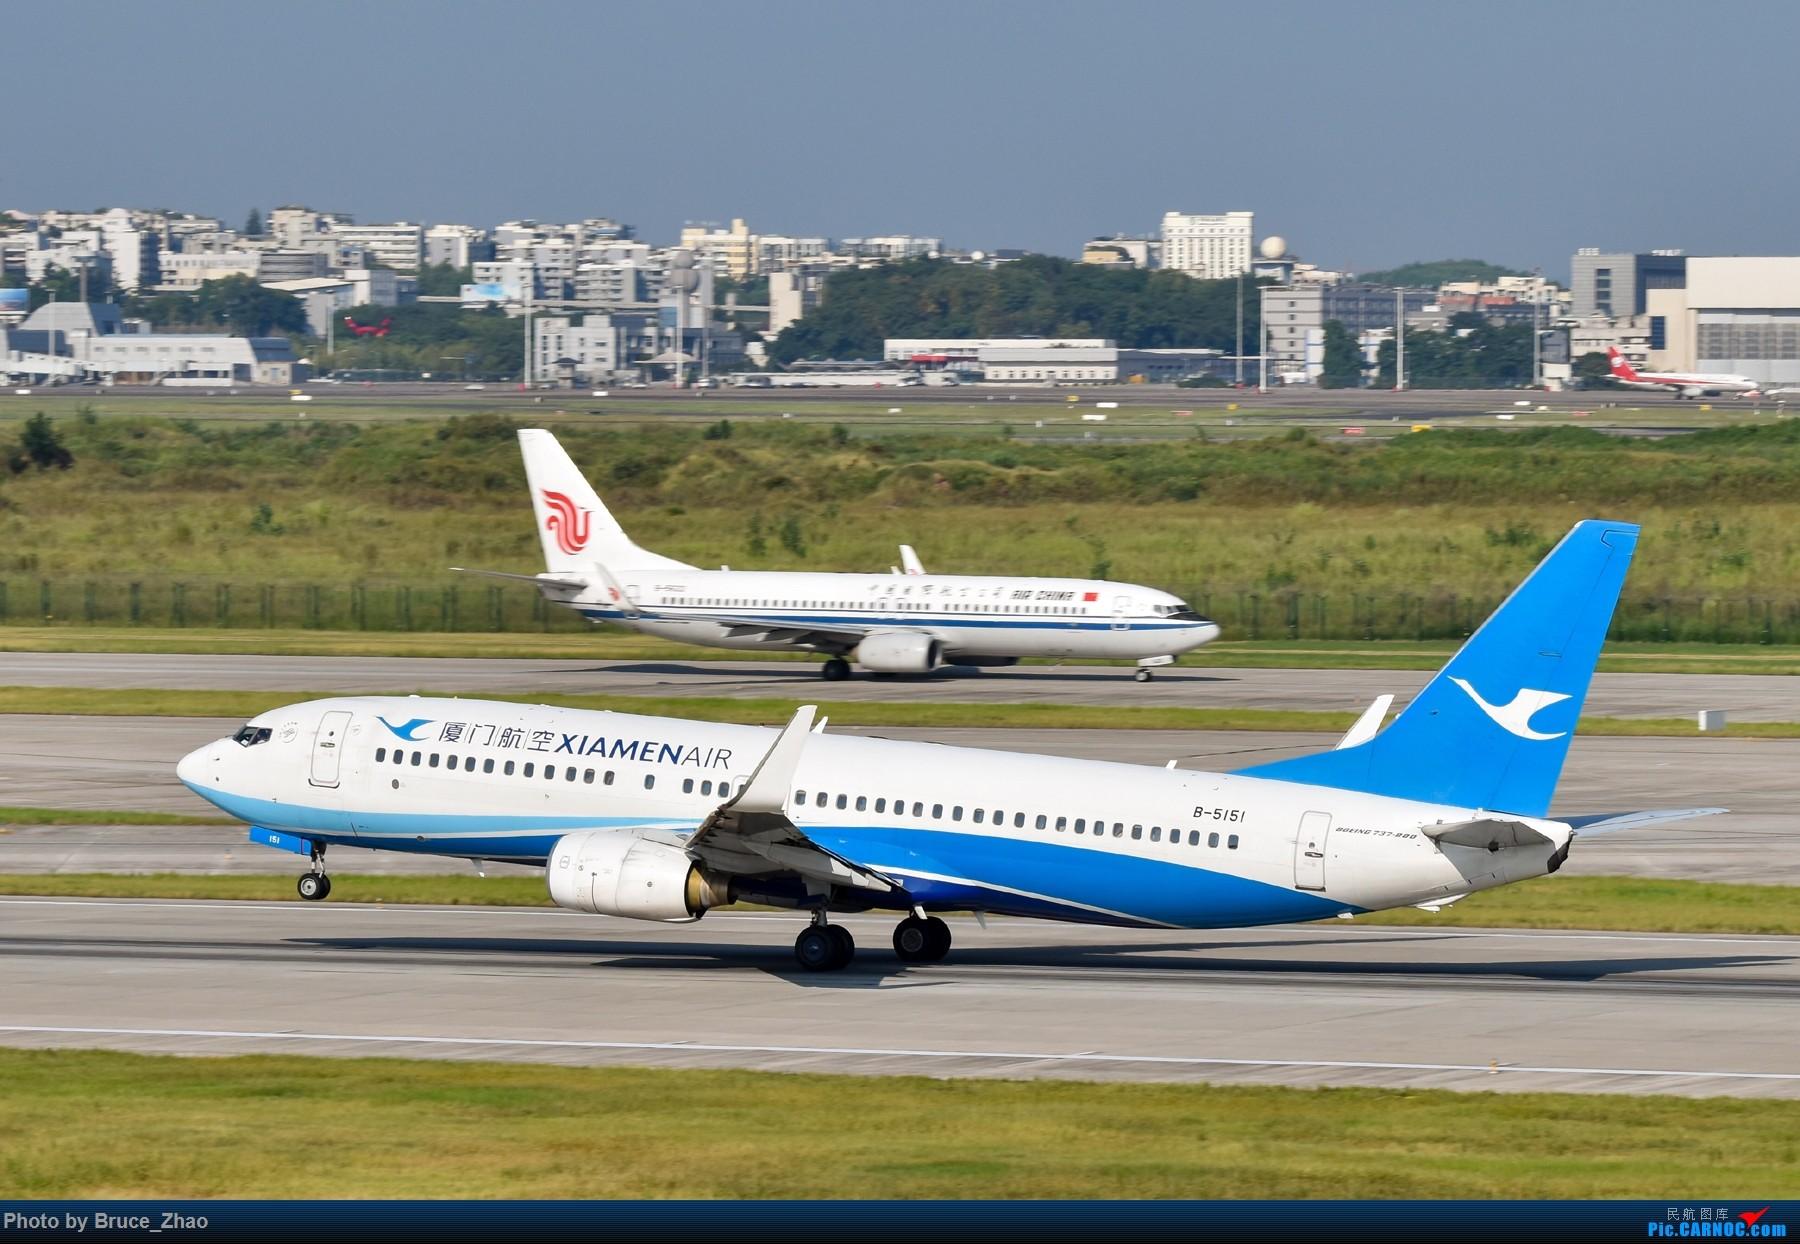 厦门航空B737在CKG 21跑道起飞 BOEING 737-800 B-5151 中国重庆江北国际机场